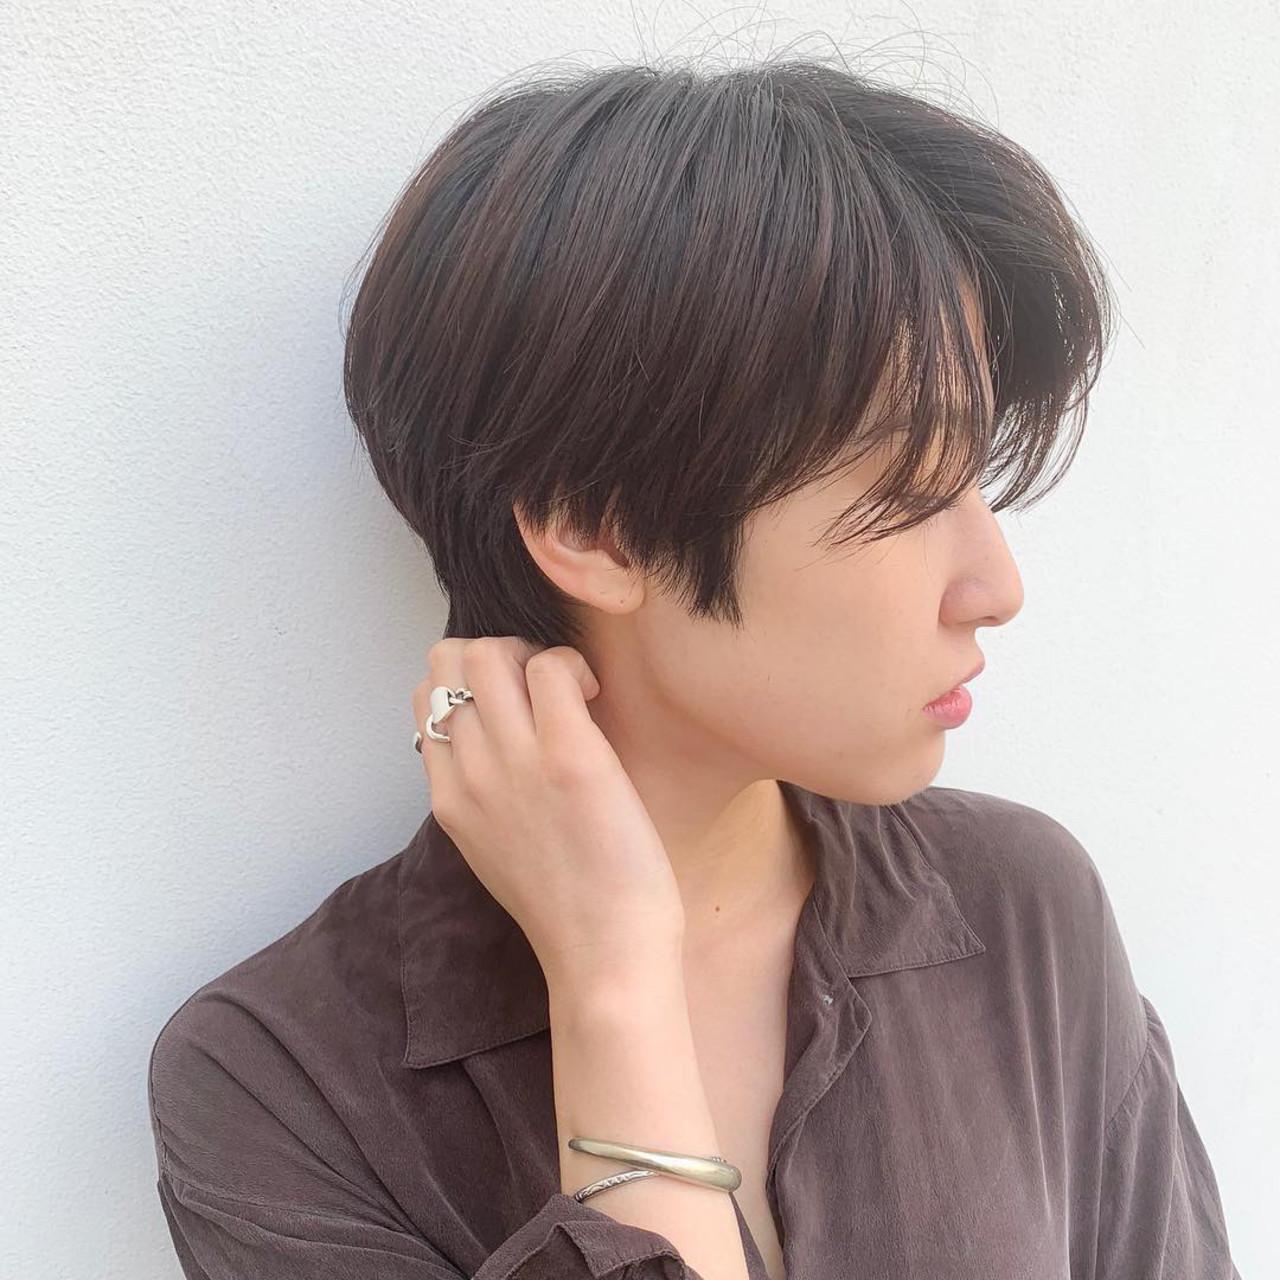 ナチュラル 小顔ショート デート ハンサムショート ヘアスタイルや髪型の写真・画像 | YUKA navile omotesando / navile omotesando